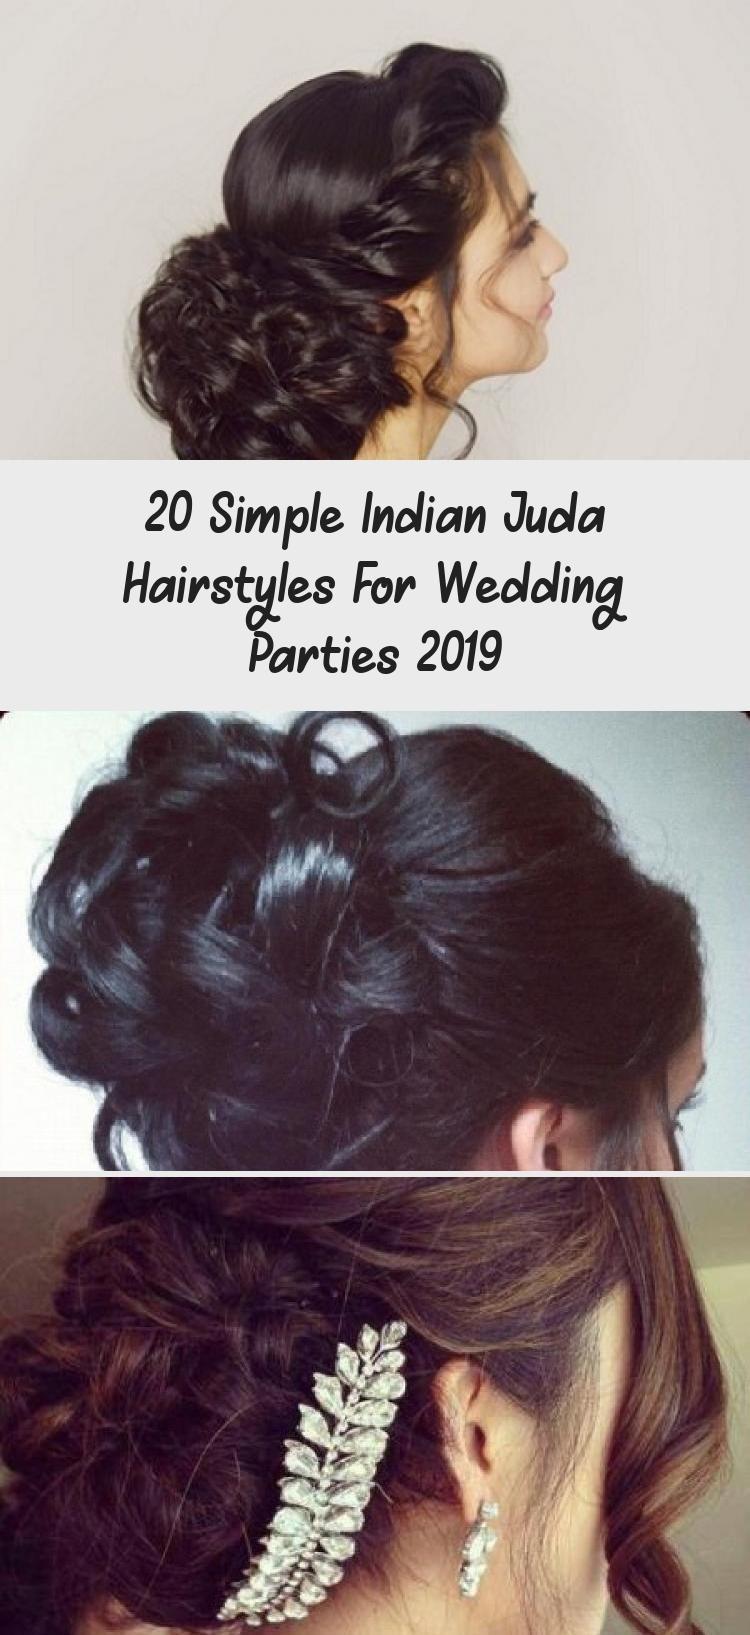 20 einfache indische juda frisuren für hochzeitsfeiern 2019